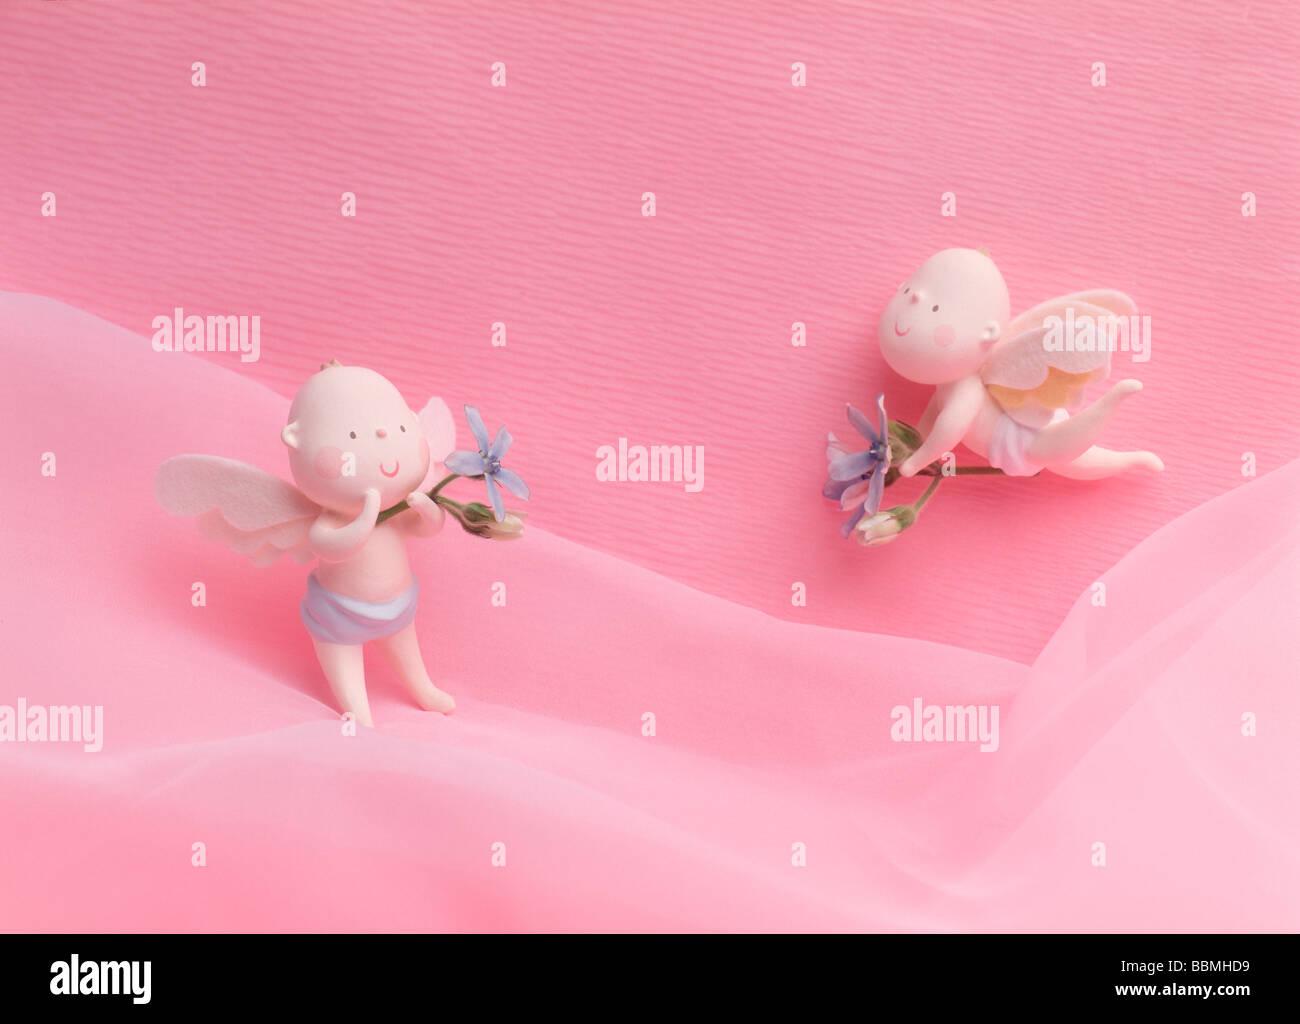 Poupées avec les ailes d'ange, high angle view, close-up Banque D'Images